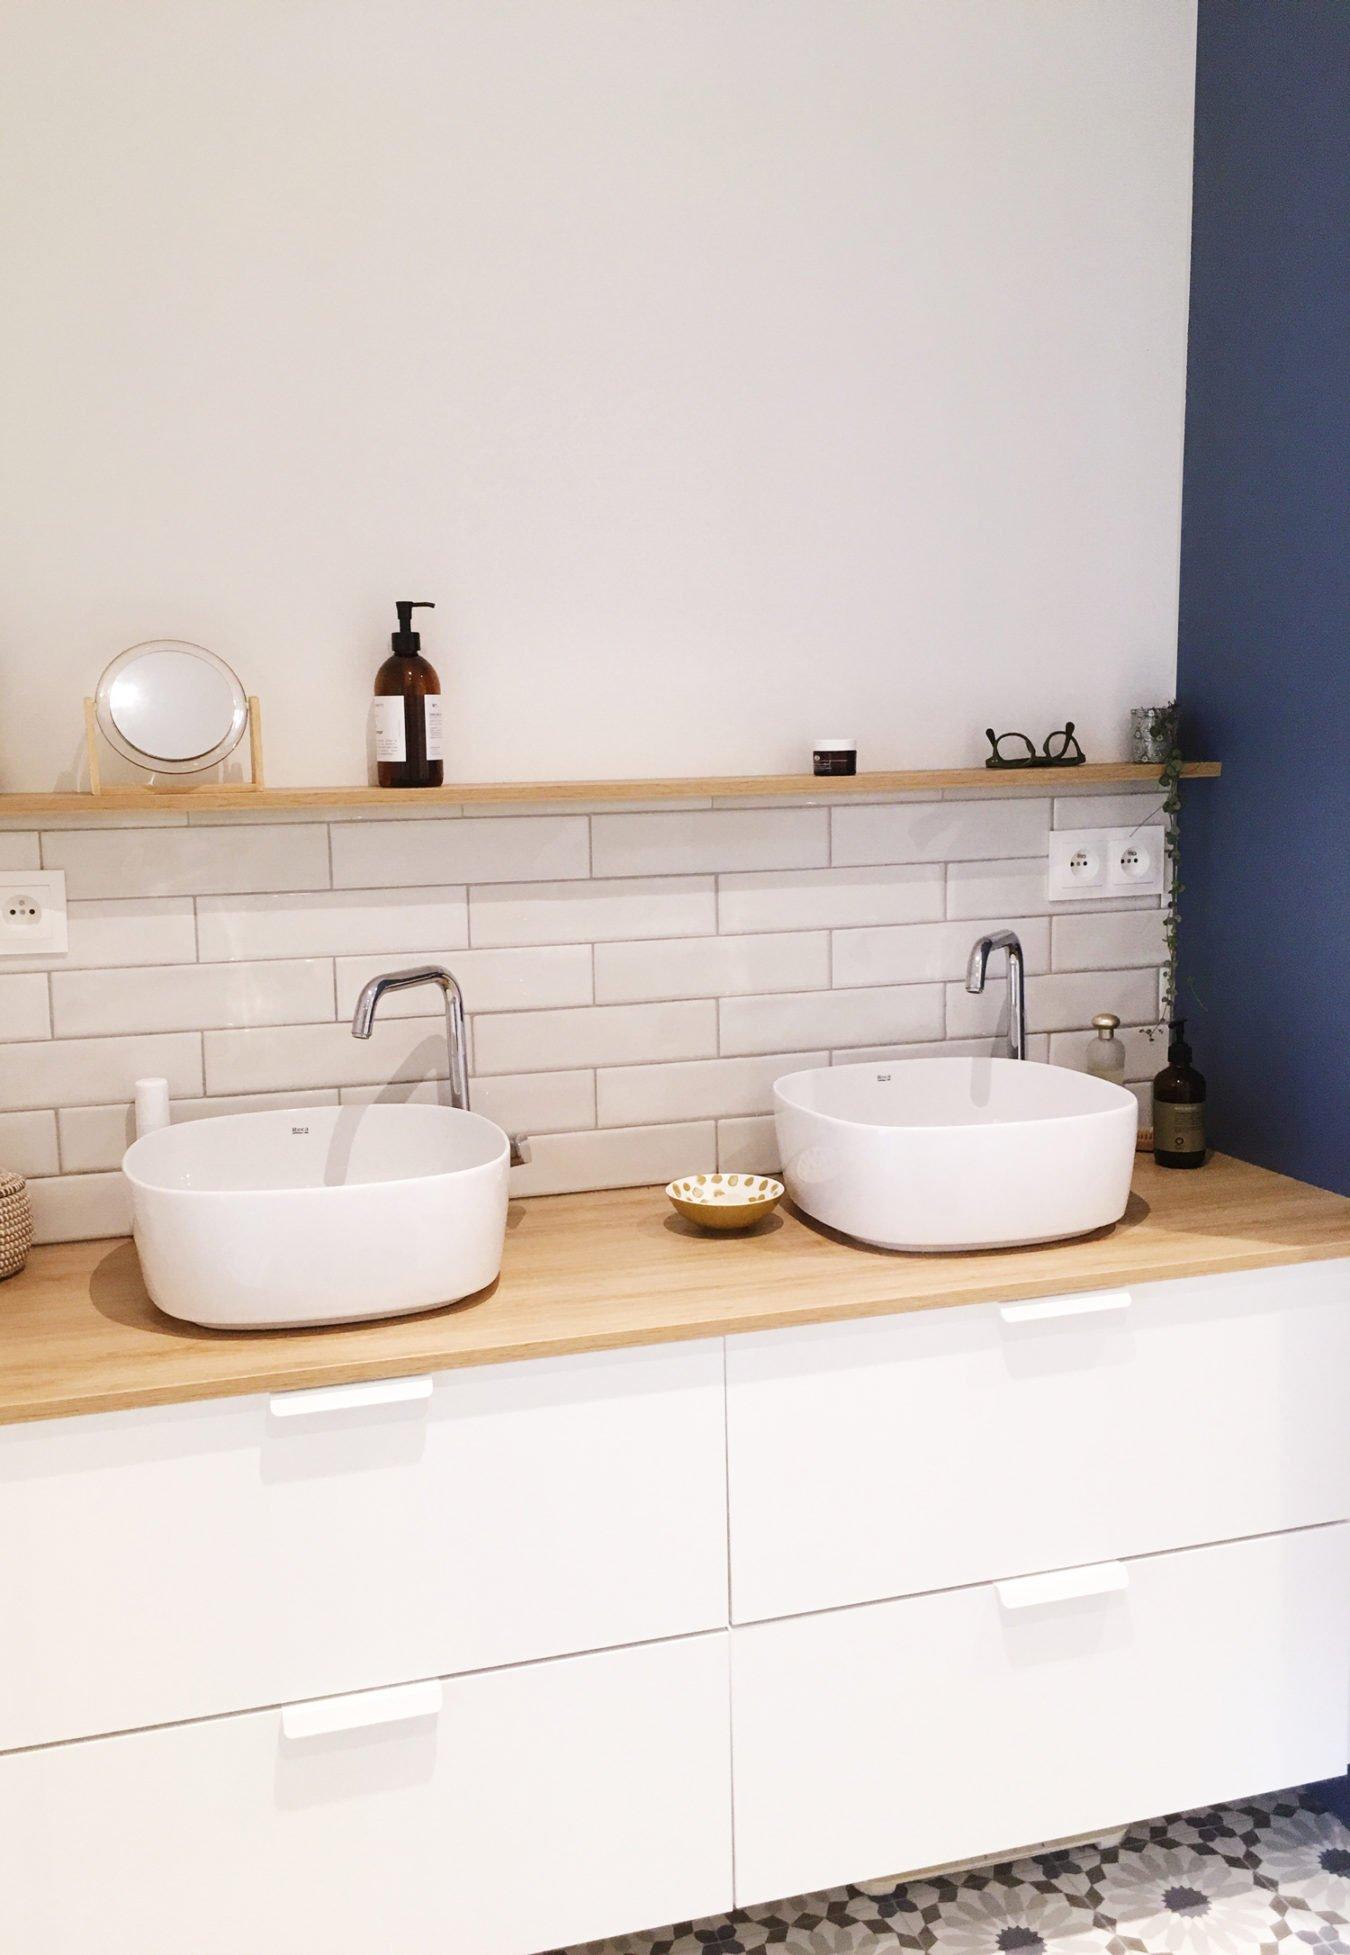 Anouck Charbonnier - Personnalisation et décoration d'une salle de bain pour le projet Henry Bordeaux à Annecy